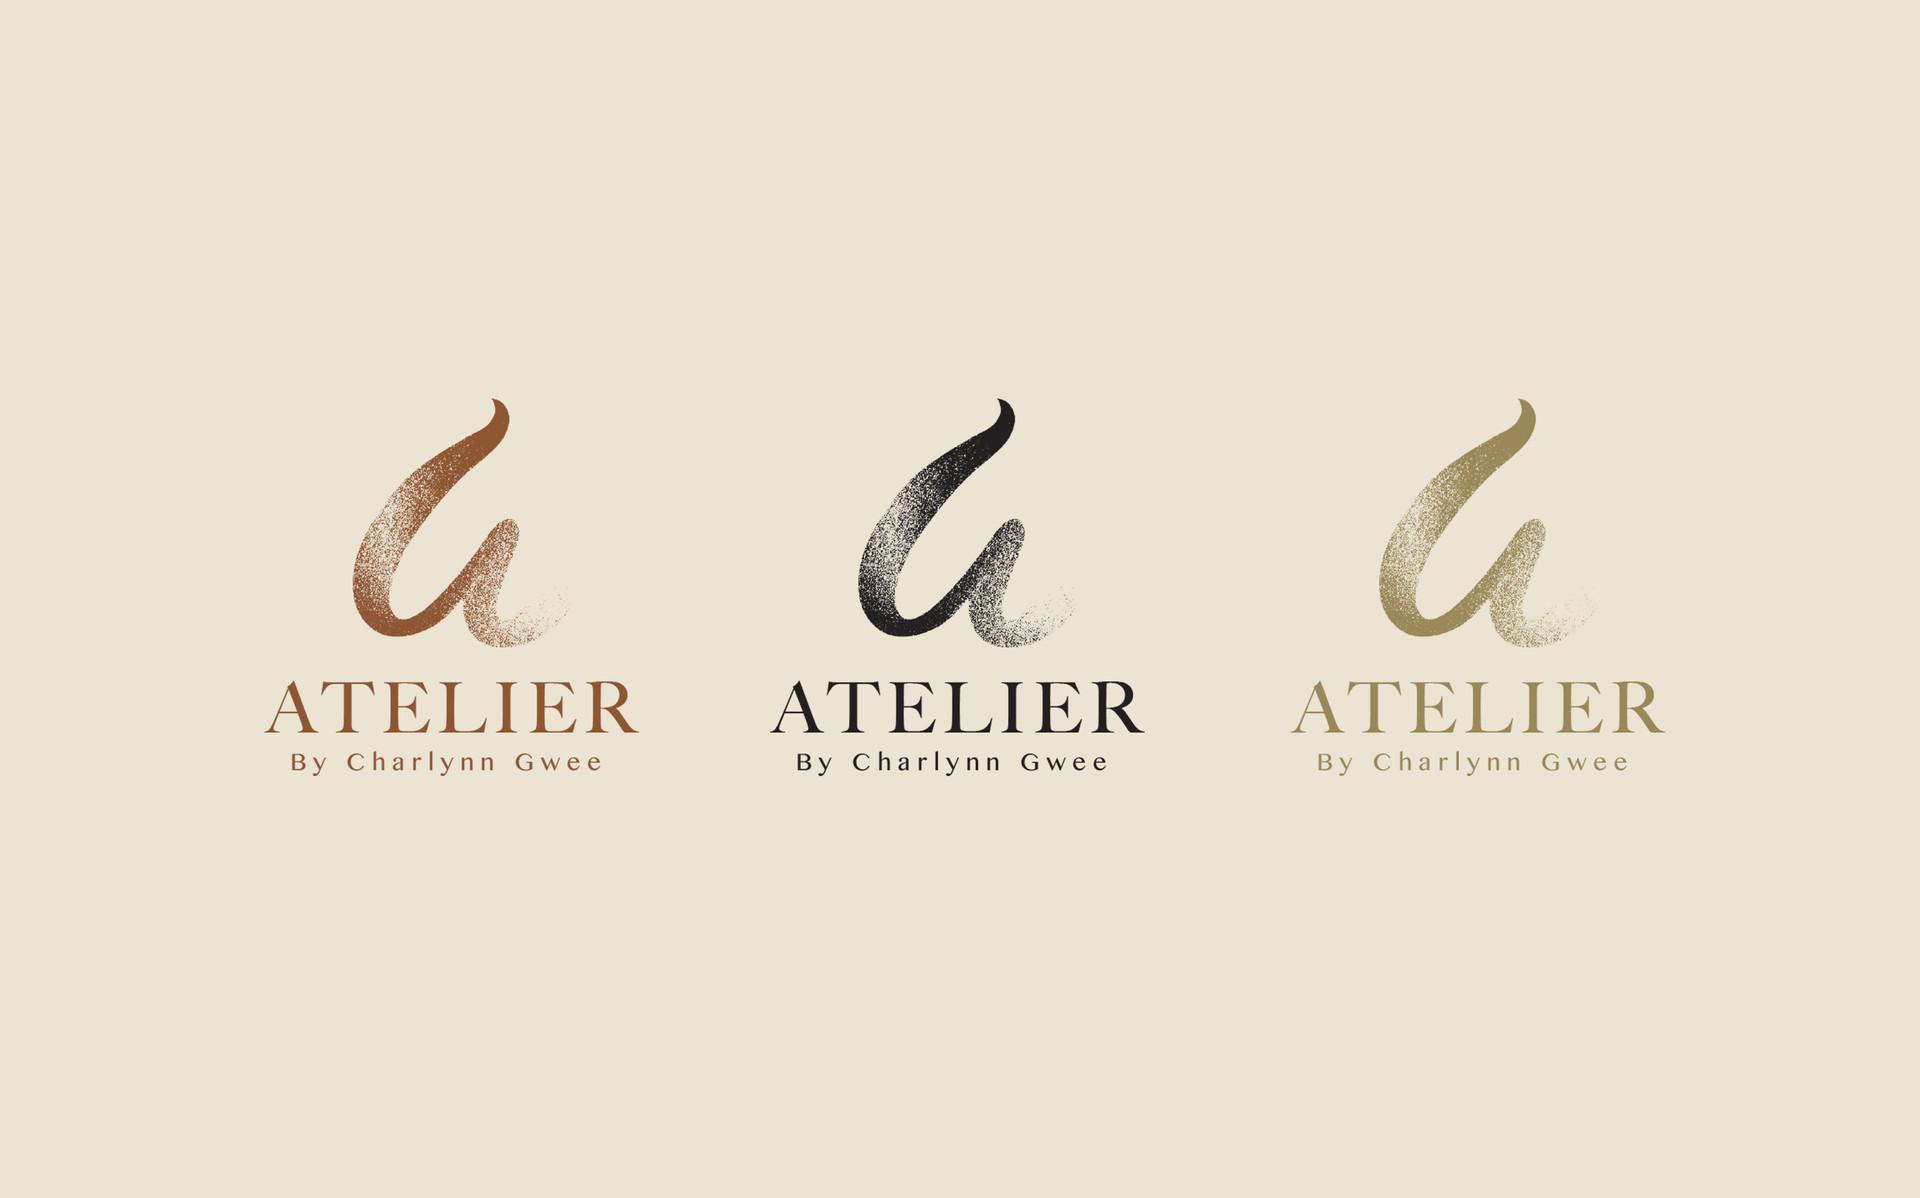 Atelier02.jpg